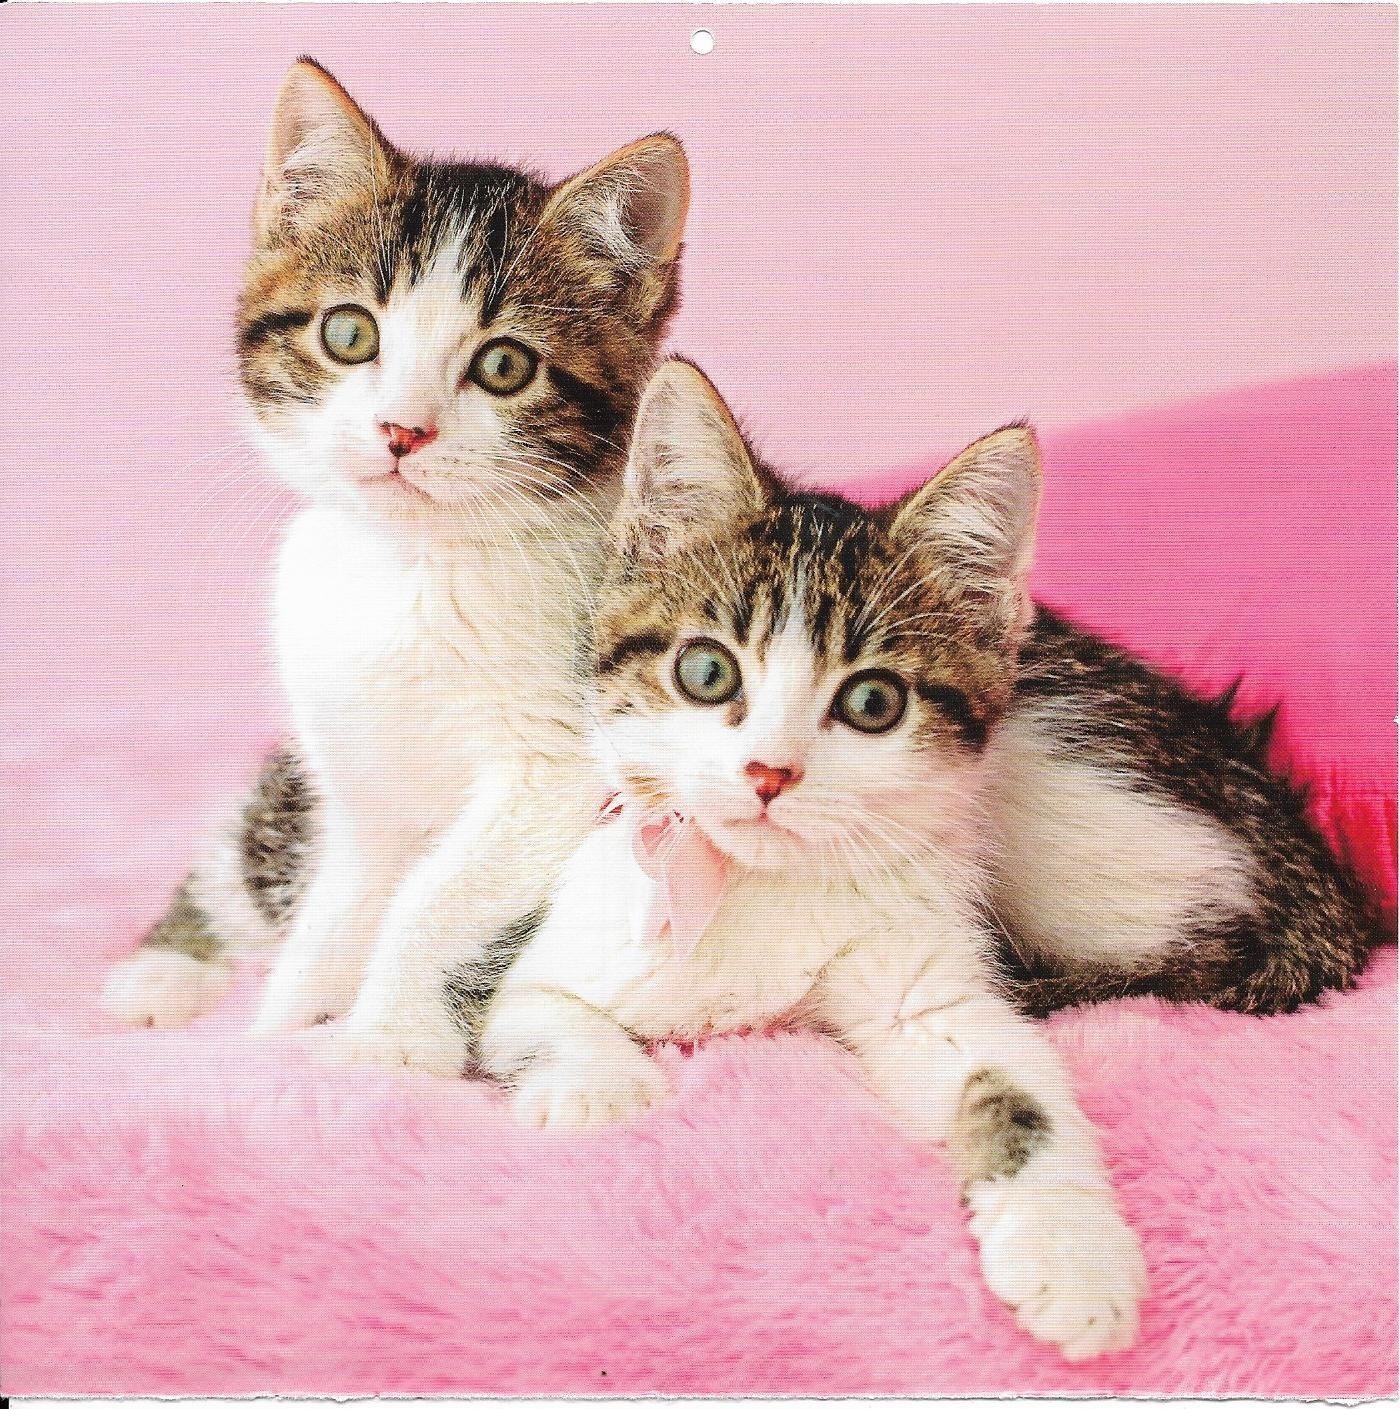 Pin Von Deanna Hughes Auf Cats Kittens 2 Susse Katzen Katzen Tiere